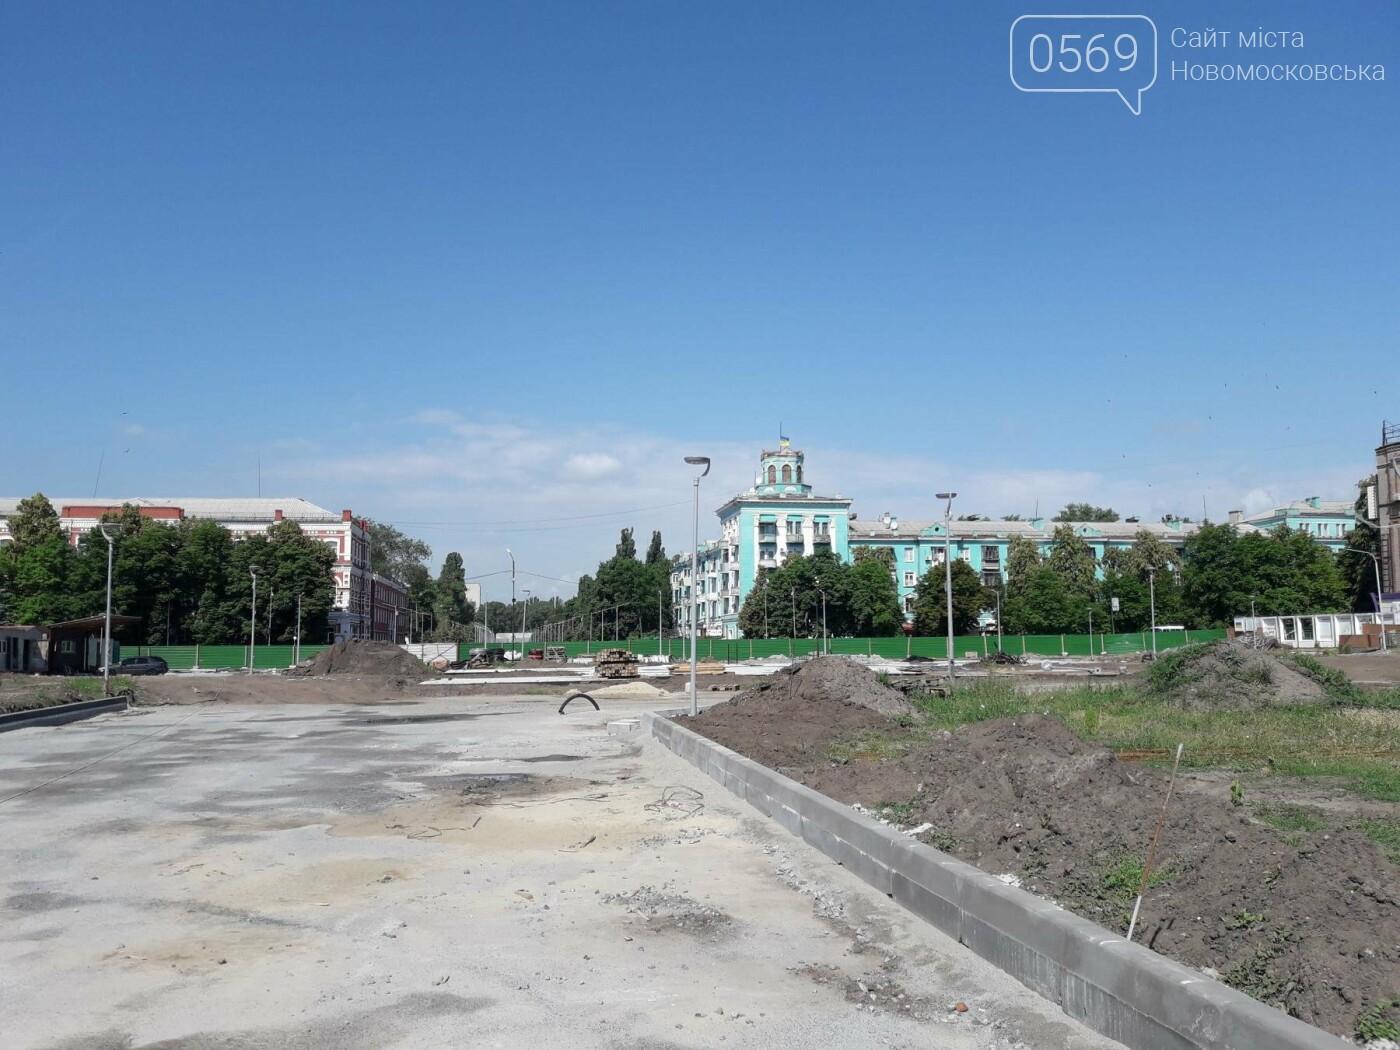 В Новомосковске продолжают реконструировать площадь Героев, фото-3